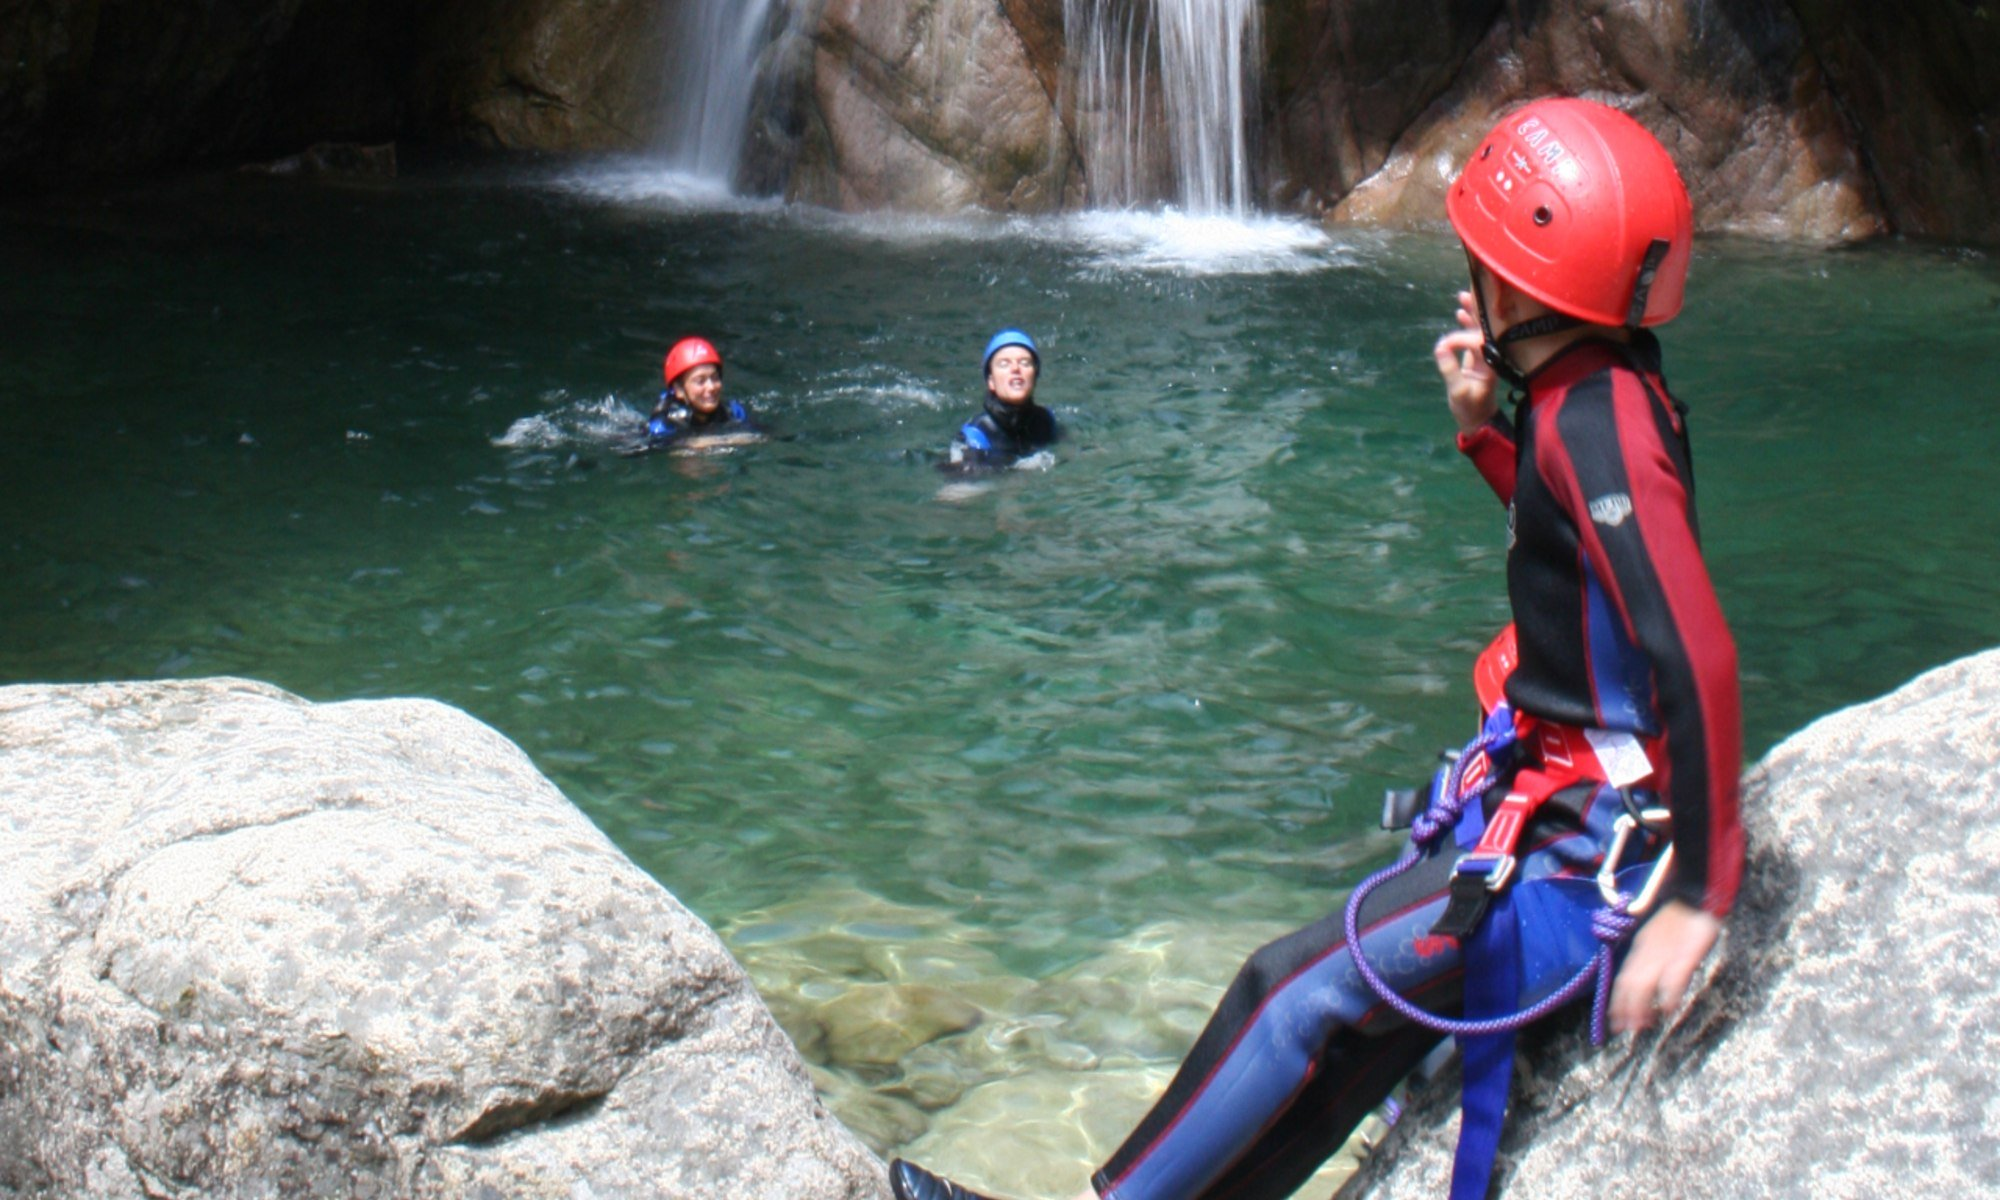 3 bambini durante un'escursione di canyoning.